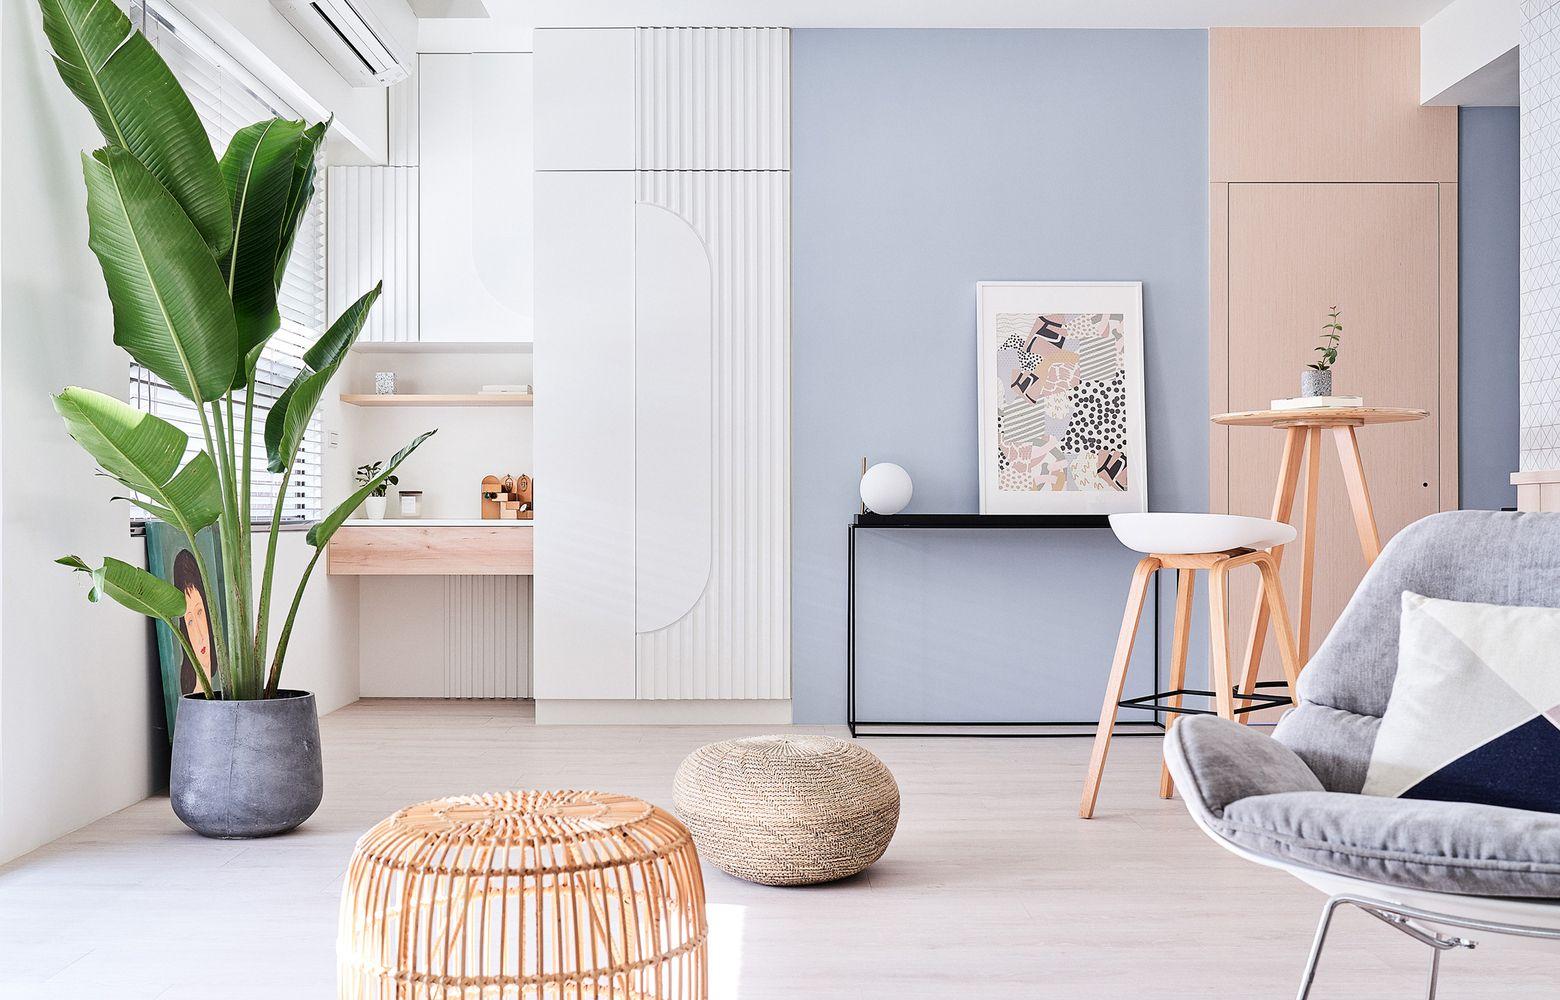 Cách chọn màu sơn nhà đẹp phù hợp với gia chủ mệnh Thủy trong năm 2021